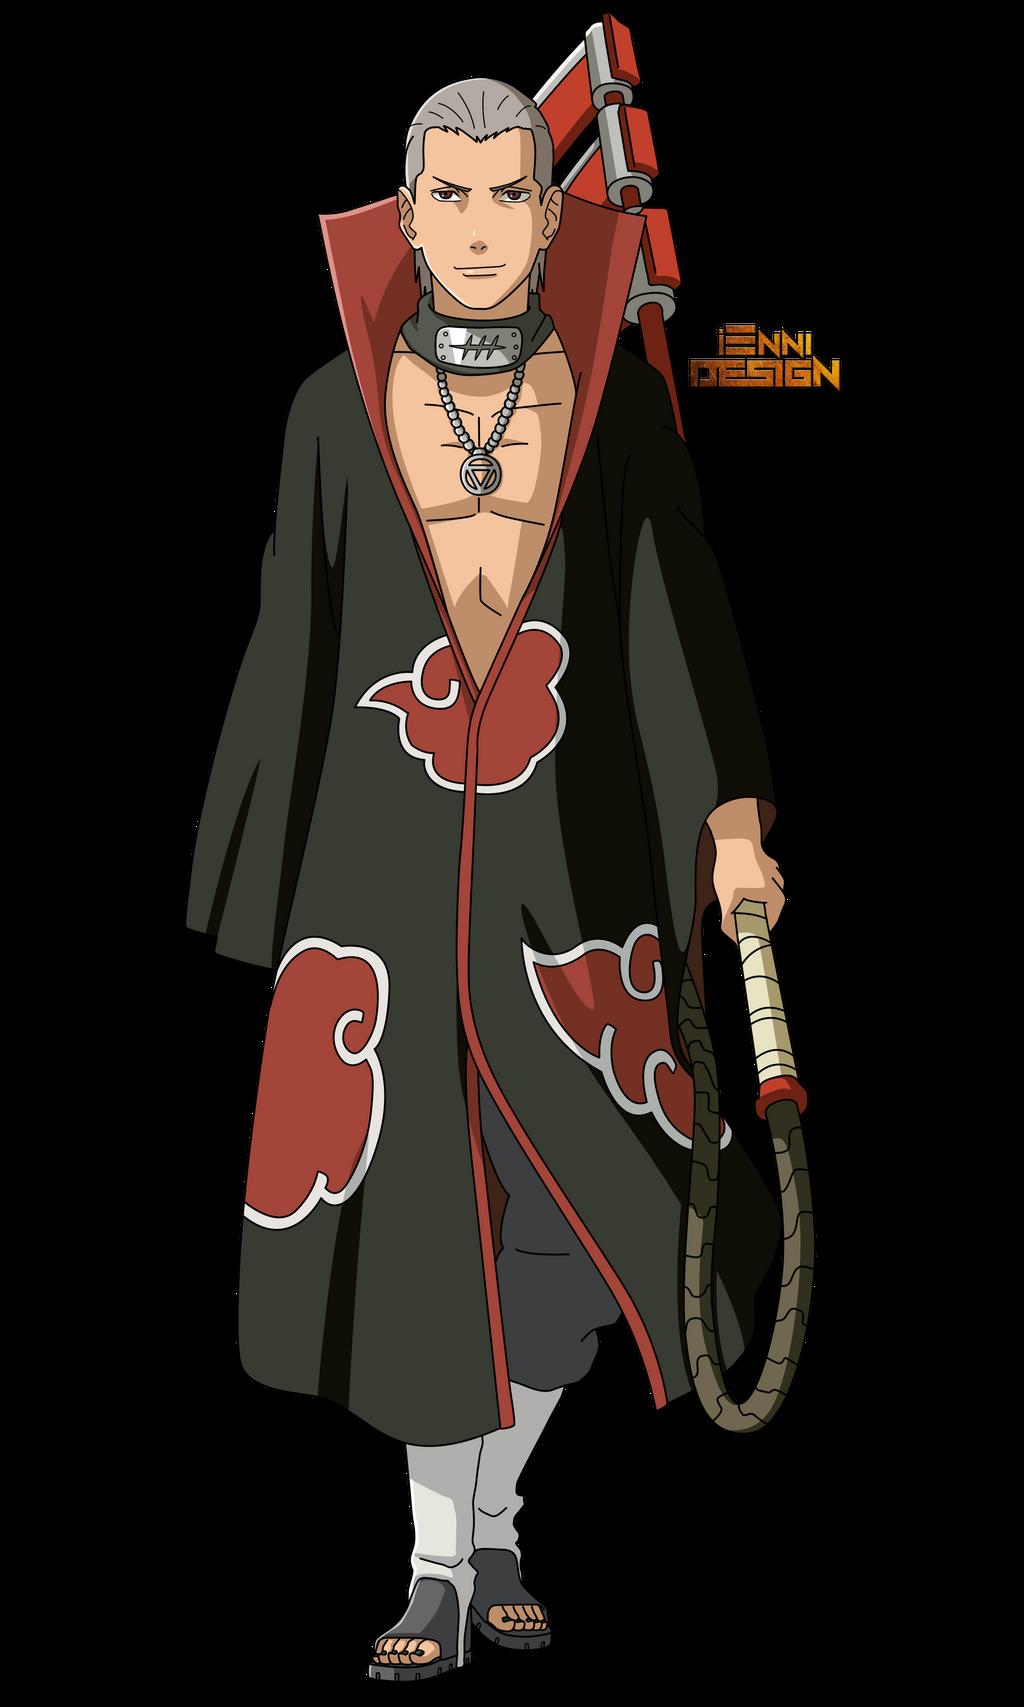 Naruto Shippuden|Hidan (Akatsuki) by iEnniDesign on DeviantArt